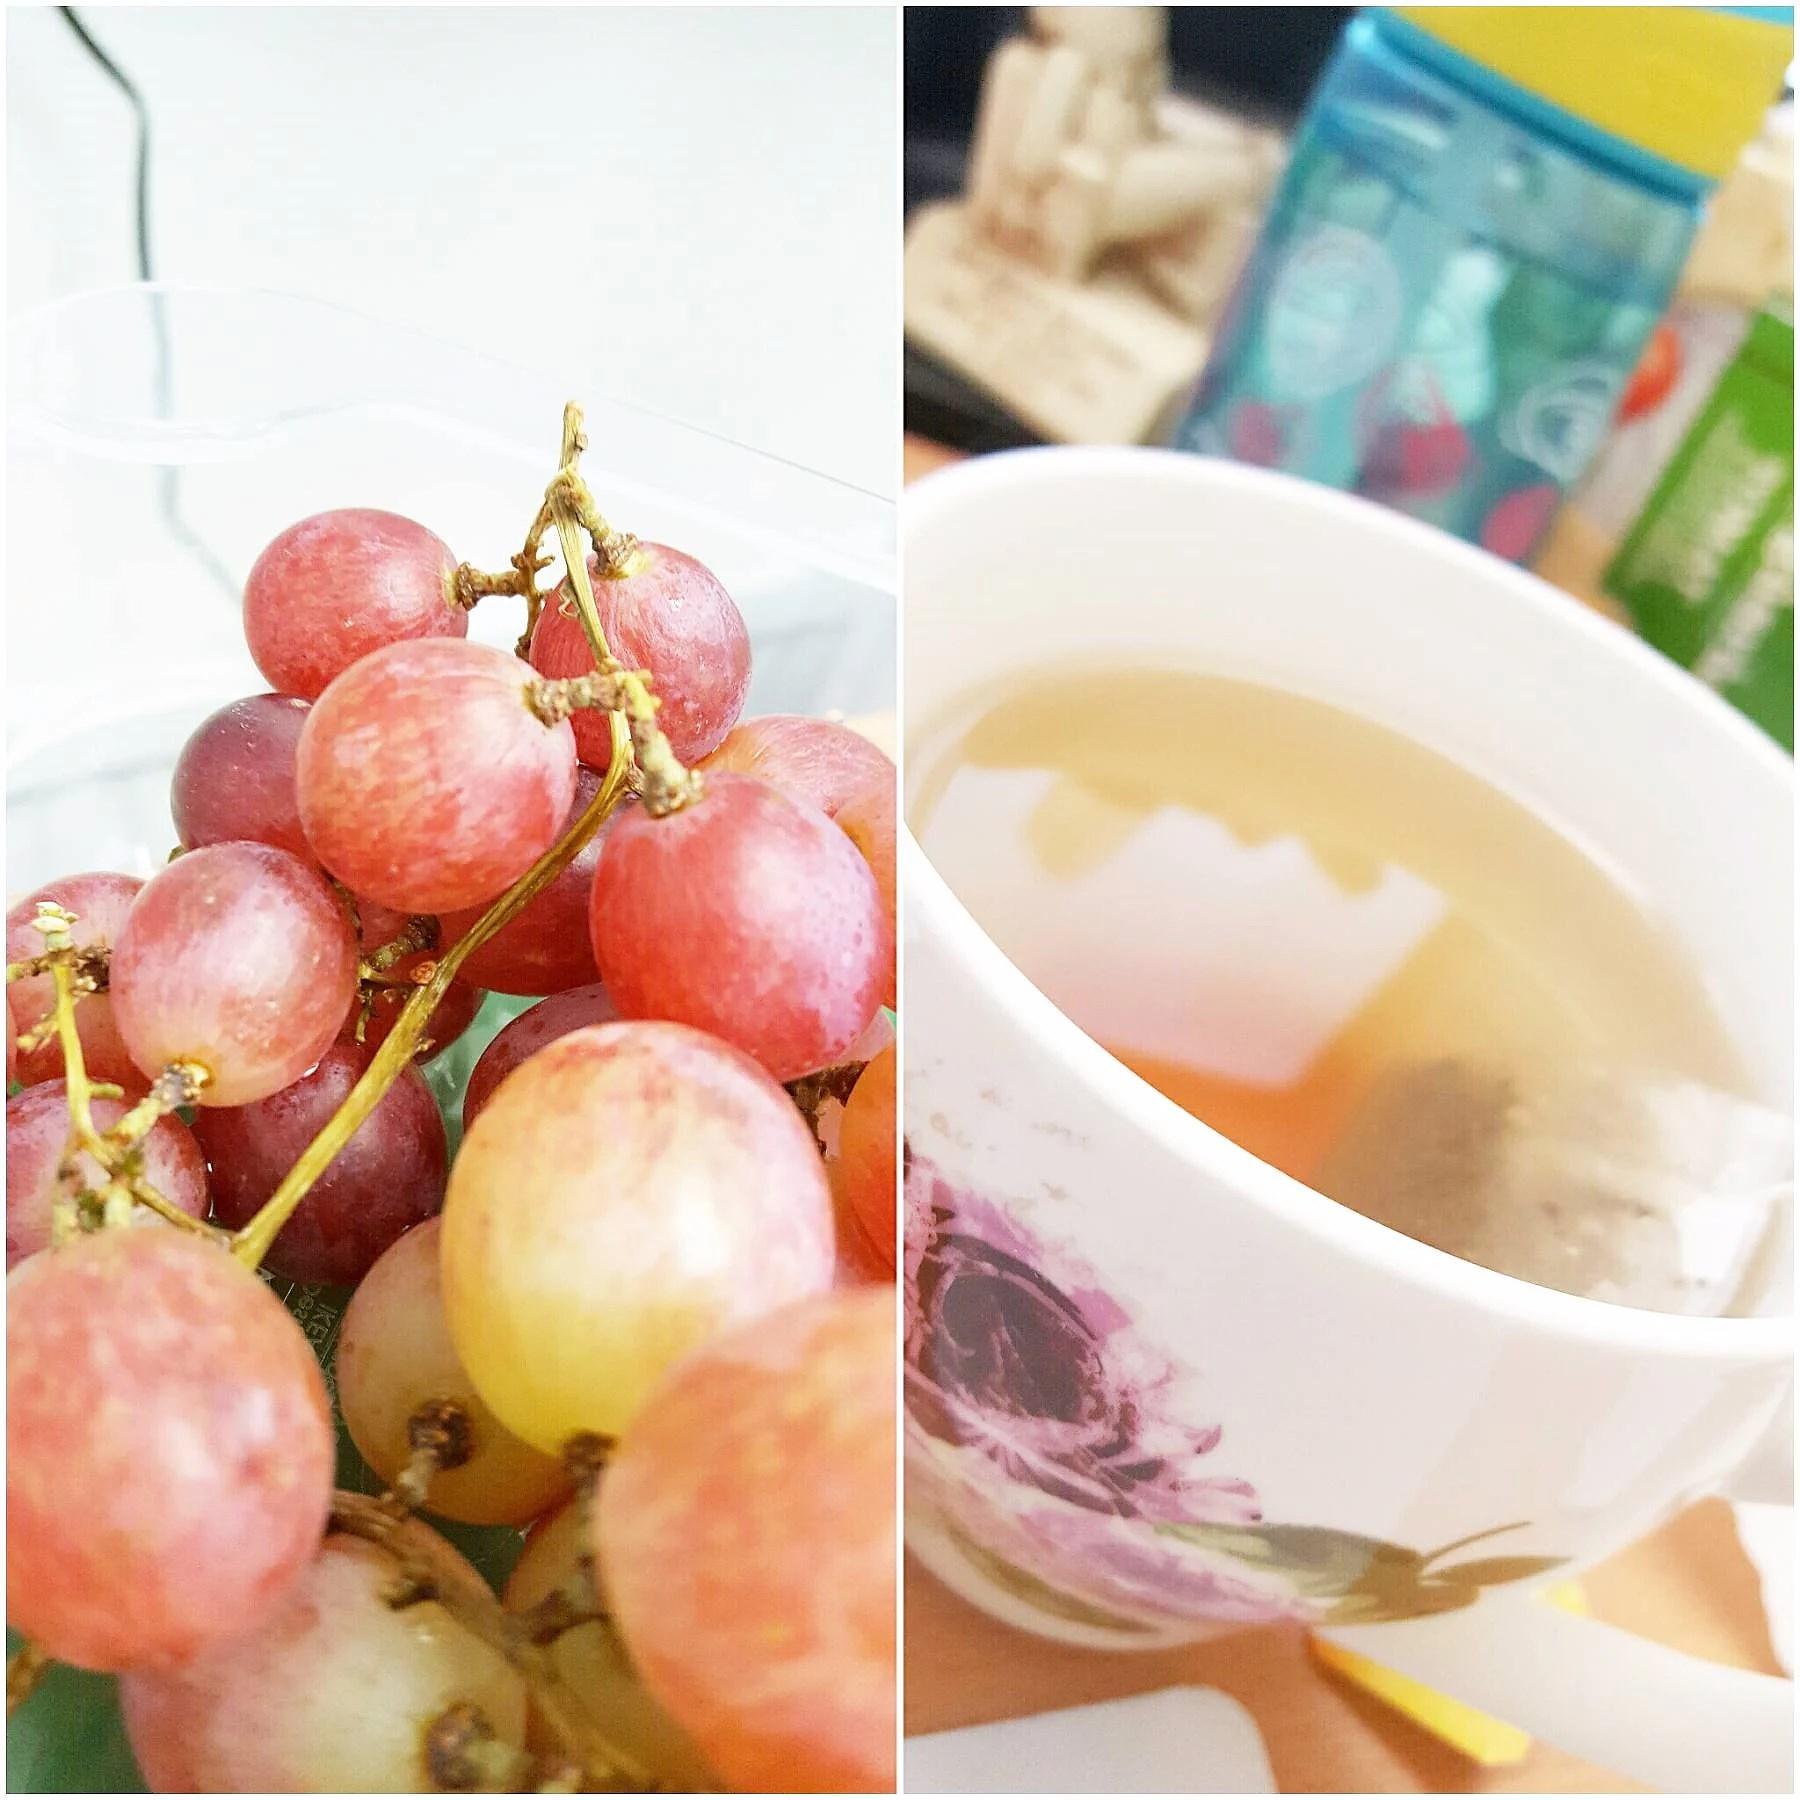 Druvor & te i väntan på bättre tider ; )